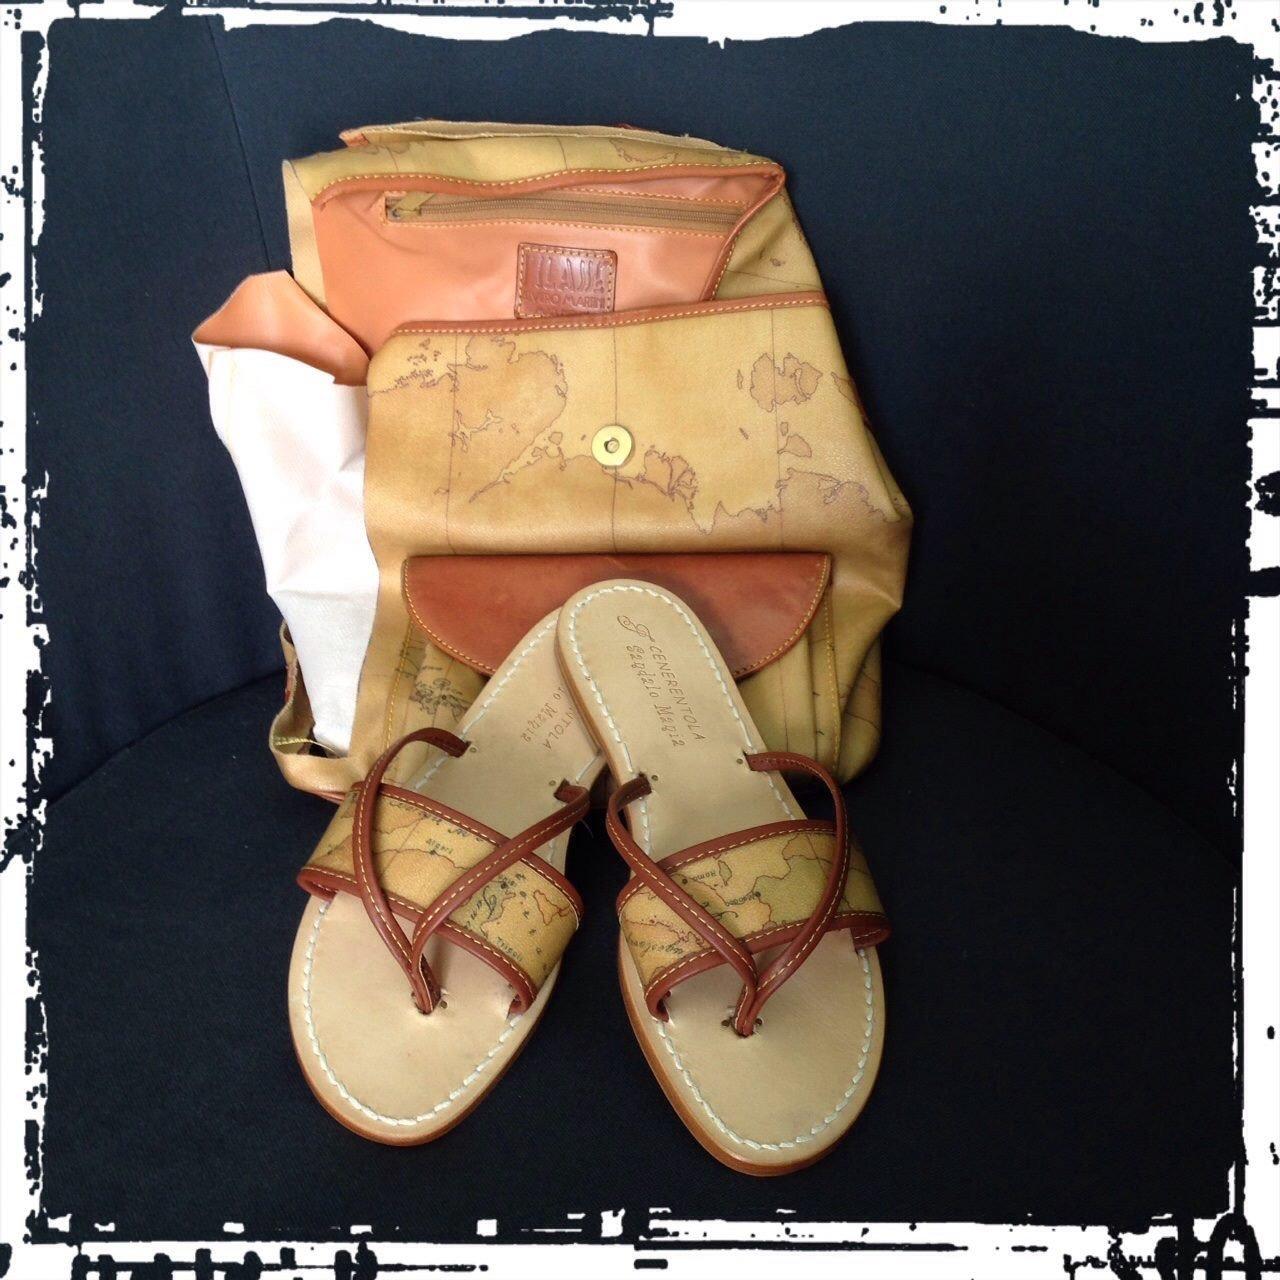 scarpe e borsa abbinati